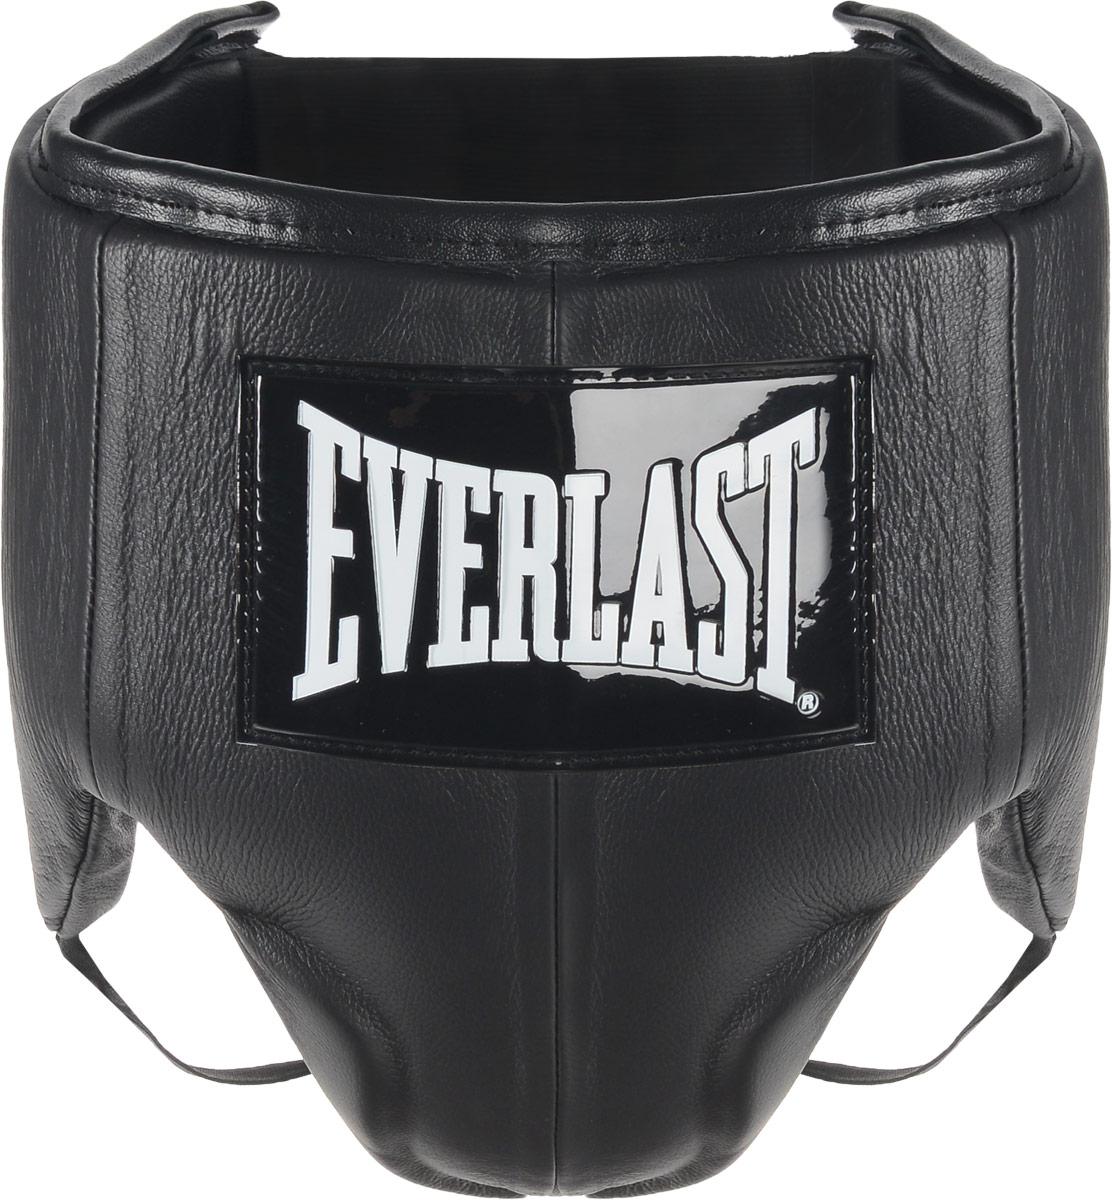 Защита паха мужская Everlast Velcro Top Pro, цвет: черный, белый. Размер LSF 0085Everlast Velcro Top Pro это удобный обтягивающий бандаж, идеально подходящий как для тренировочных спаррингов, так и для боя на ринге. Бандаж изготовлен из высококачественной натуральной кожи, а подкладка набита пенным наполнителем высокой плотности, благодаря чему достигается превосходная амортизация ударов. Усовершенствованный облегченный дизайн обеспечивает максимальную подвижность и комфорт, в то же время гарантируя безопасность и полную защиту паха и тазовой области. Удобные застежки на липучке позволят подогнать защиту под ваш размер и плотно зафиксировать ее на теле. Максимальный обхват: 105 см.Минимальный обхват: 94 см.